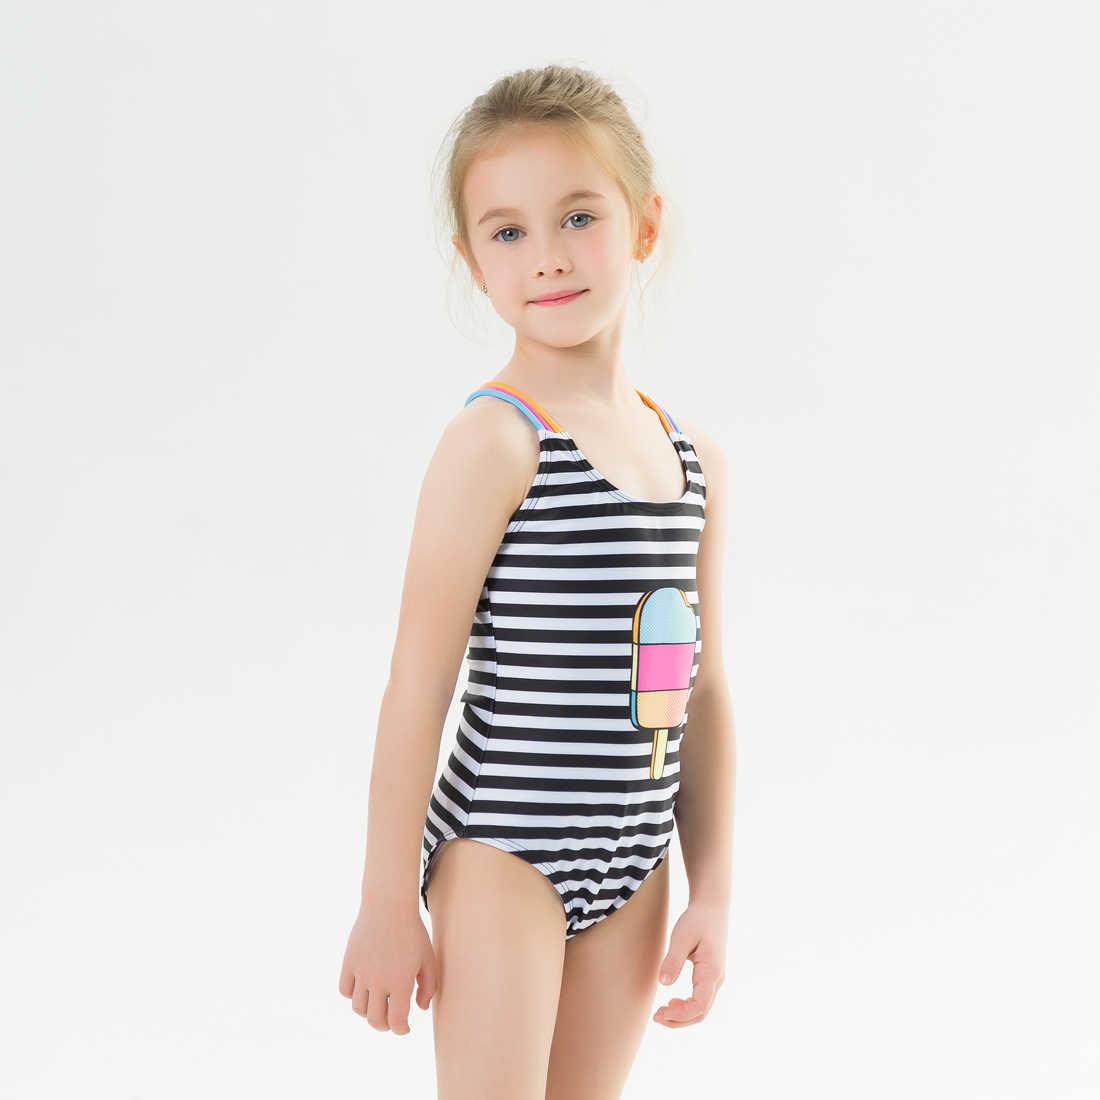 2020 nova menina do bebê maiô uma peça de banho estilo clássico bodysuit listrado maiô para a menina sorvete